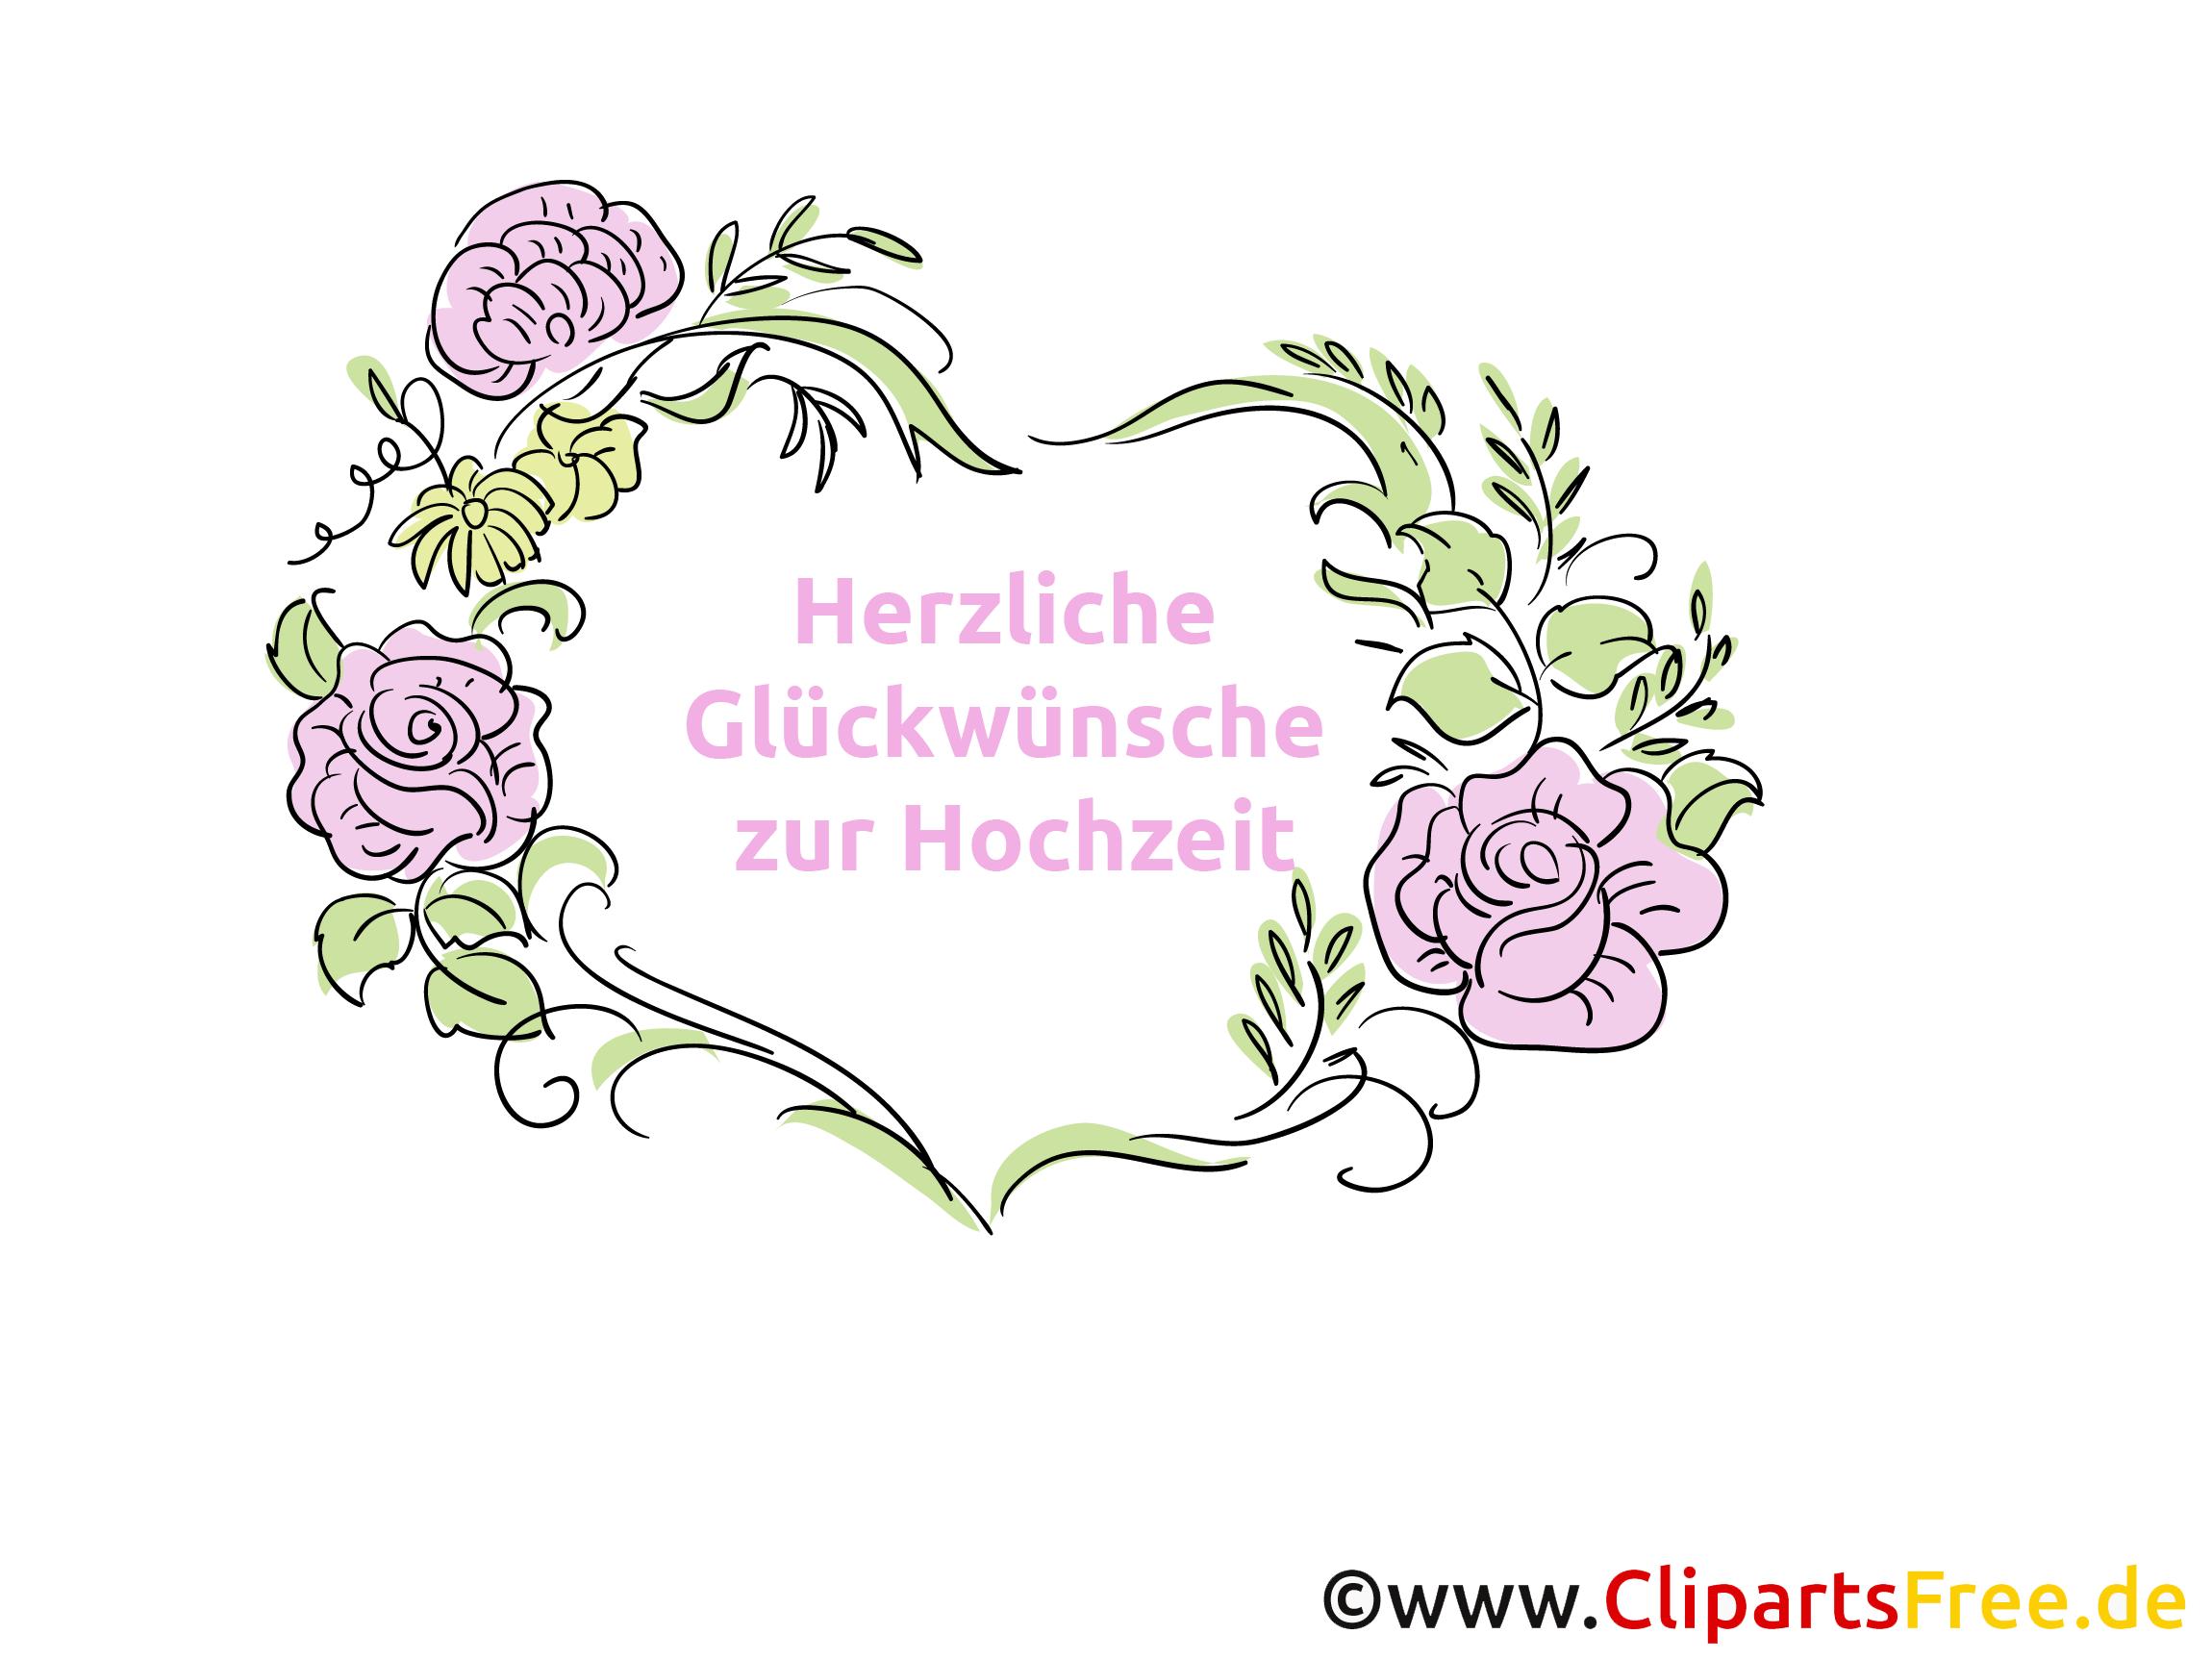 Herzliche Gluckwunsche Zur Hochzeit Clipart Bild Kostenlos